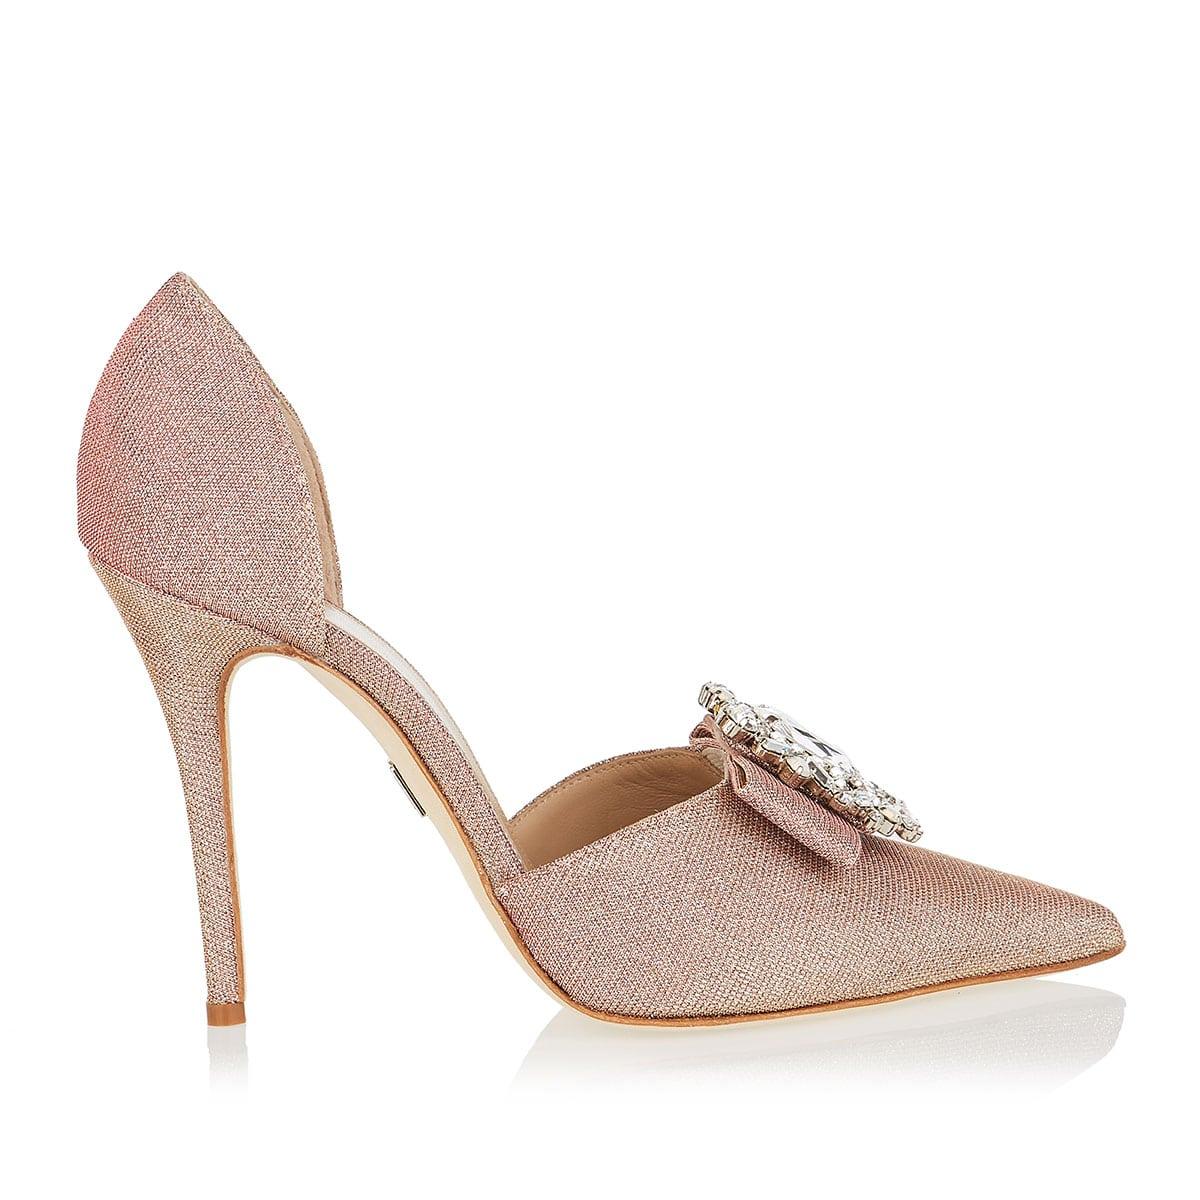 Ursula jeweled-buckle glitter pumps